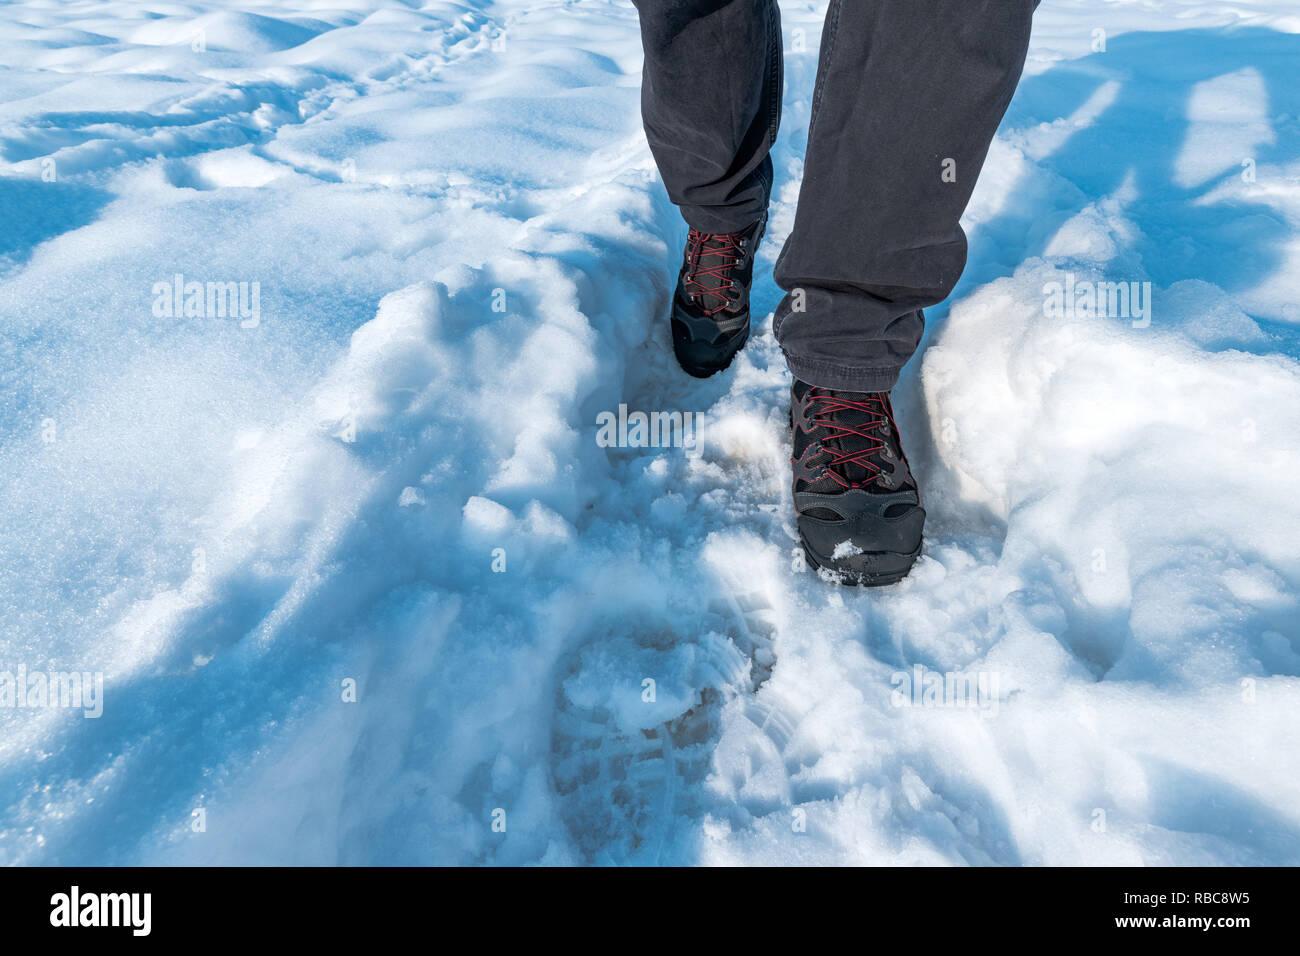 Hombre caminando en la nieve, senderismo y trekking en invierno Foto de stock